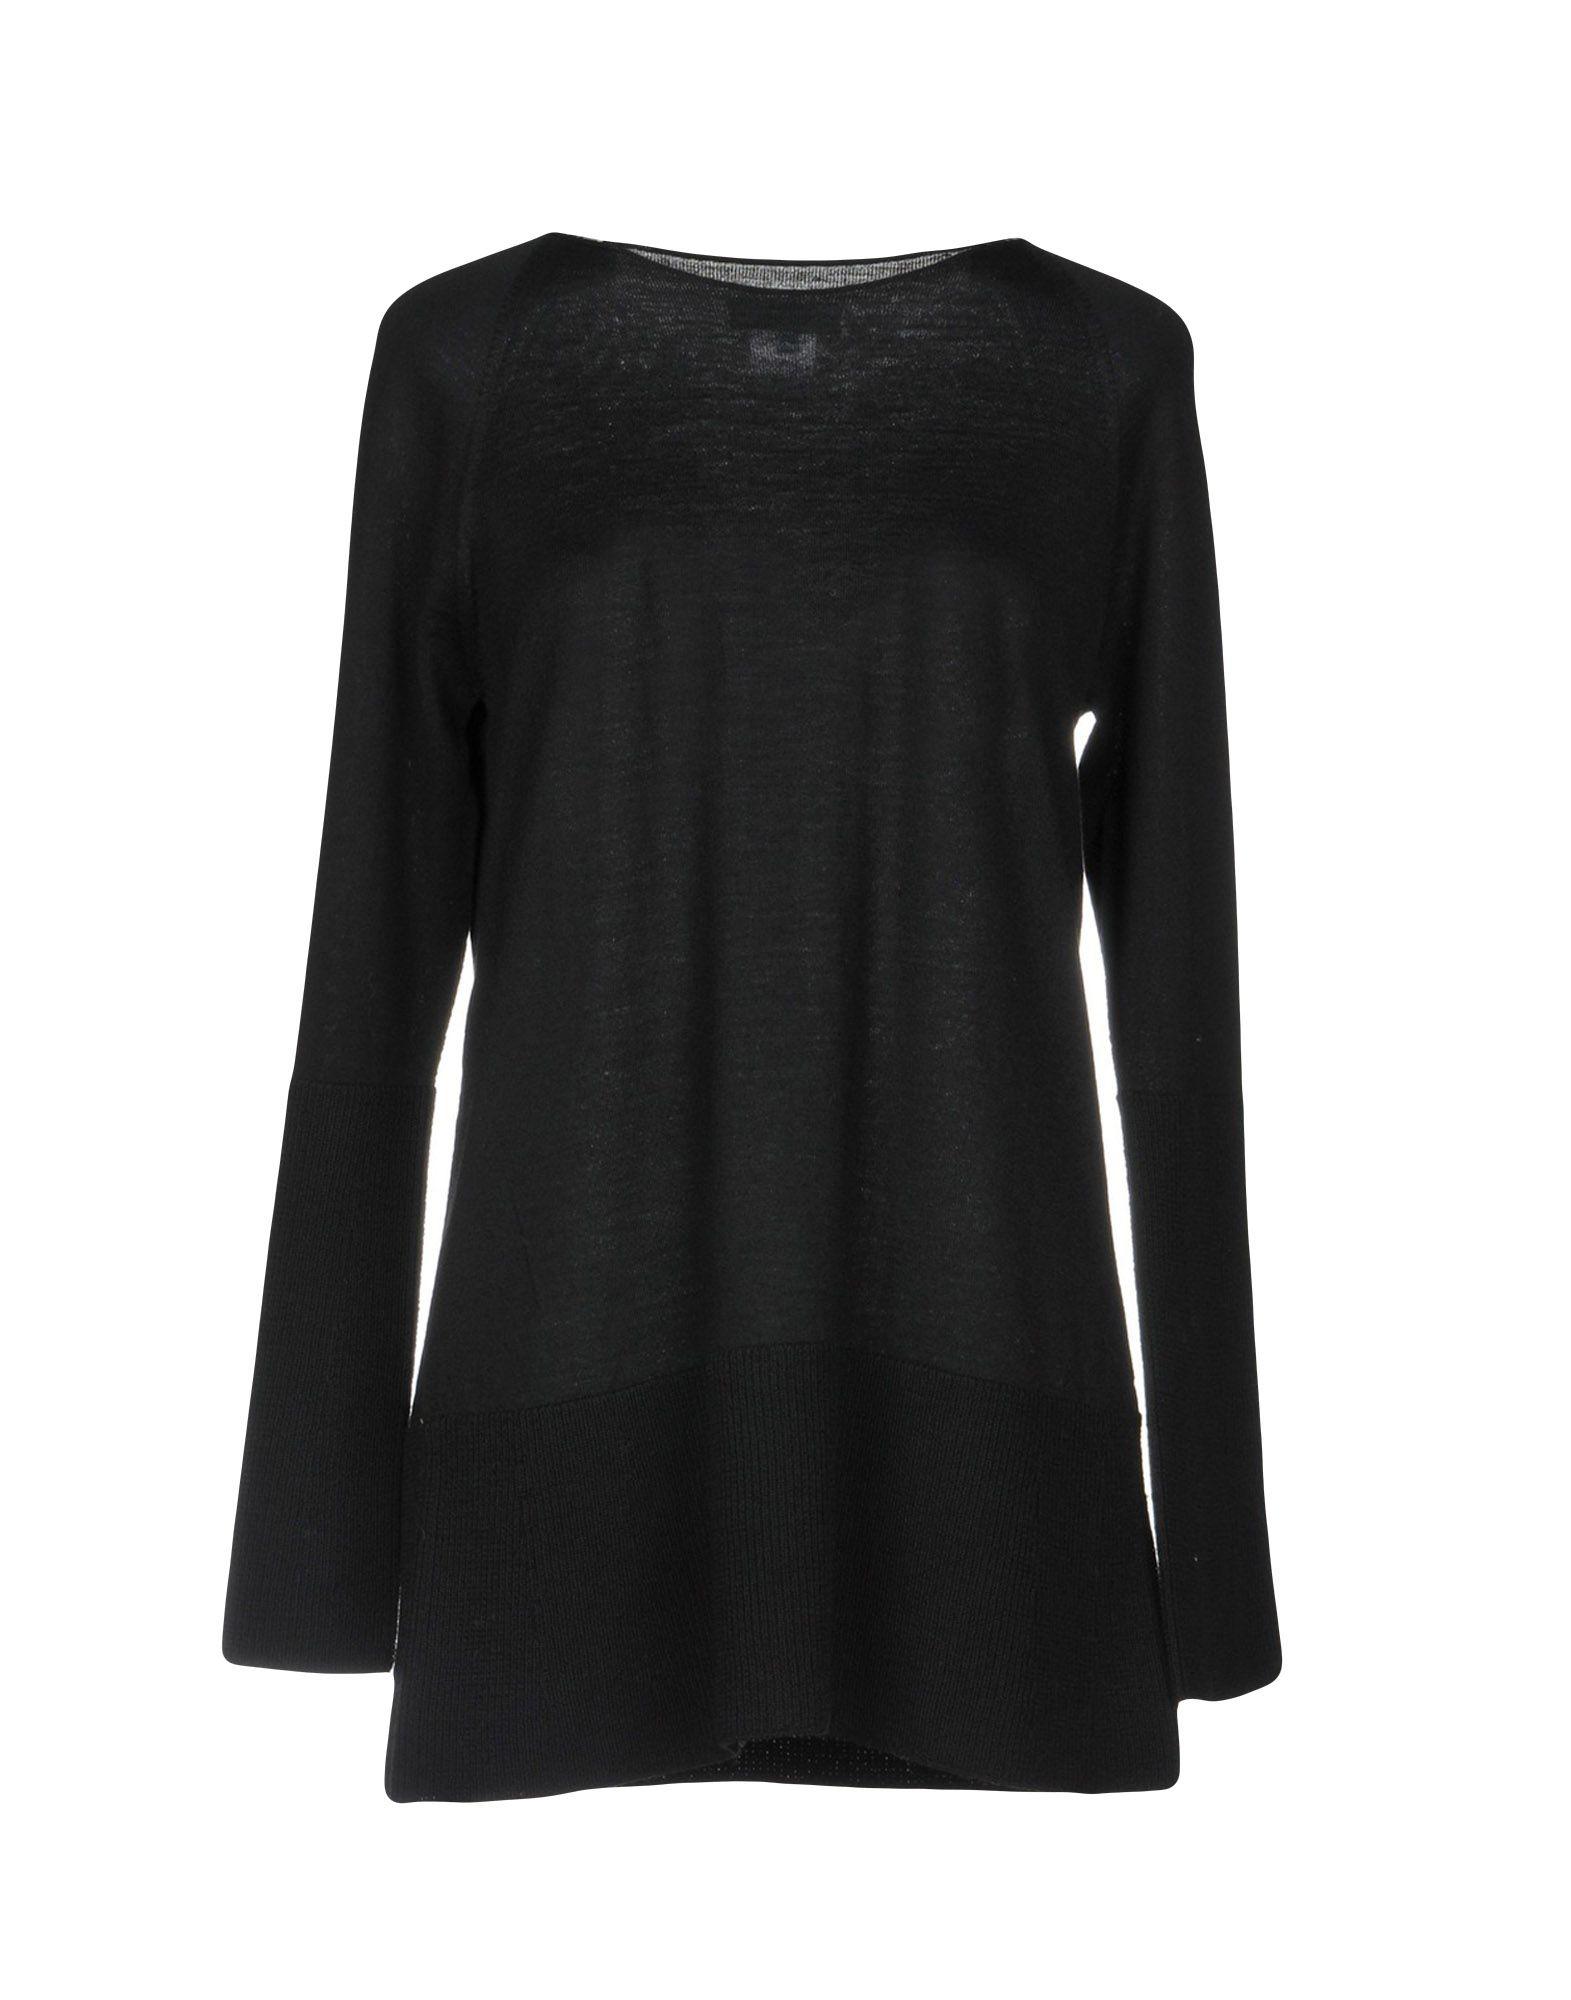 SHE'S SO Sweater in Black